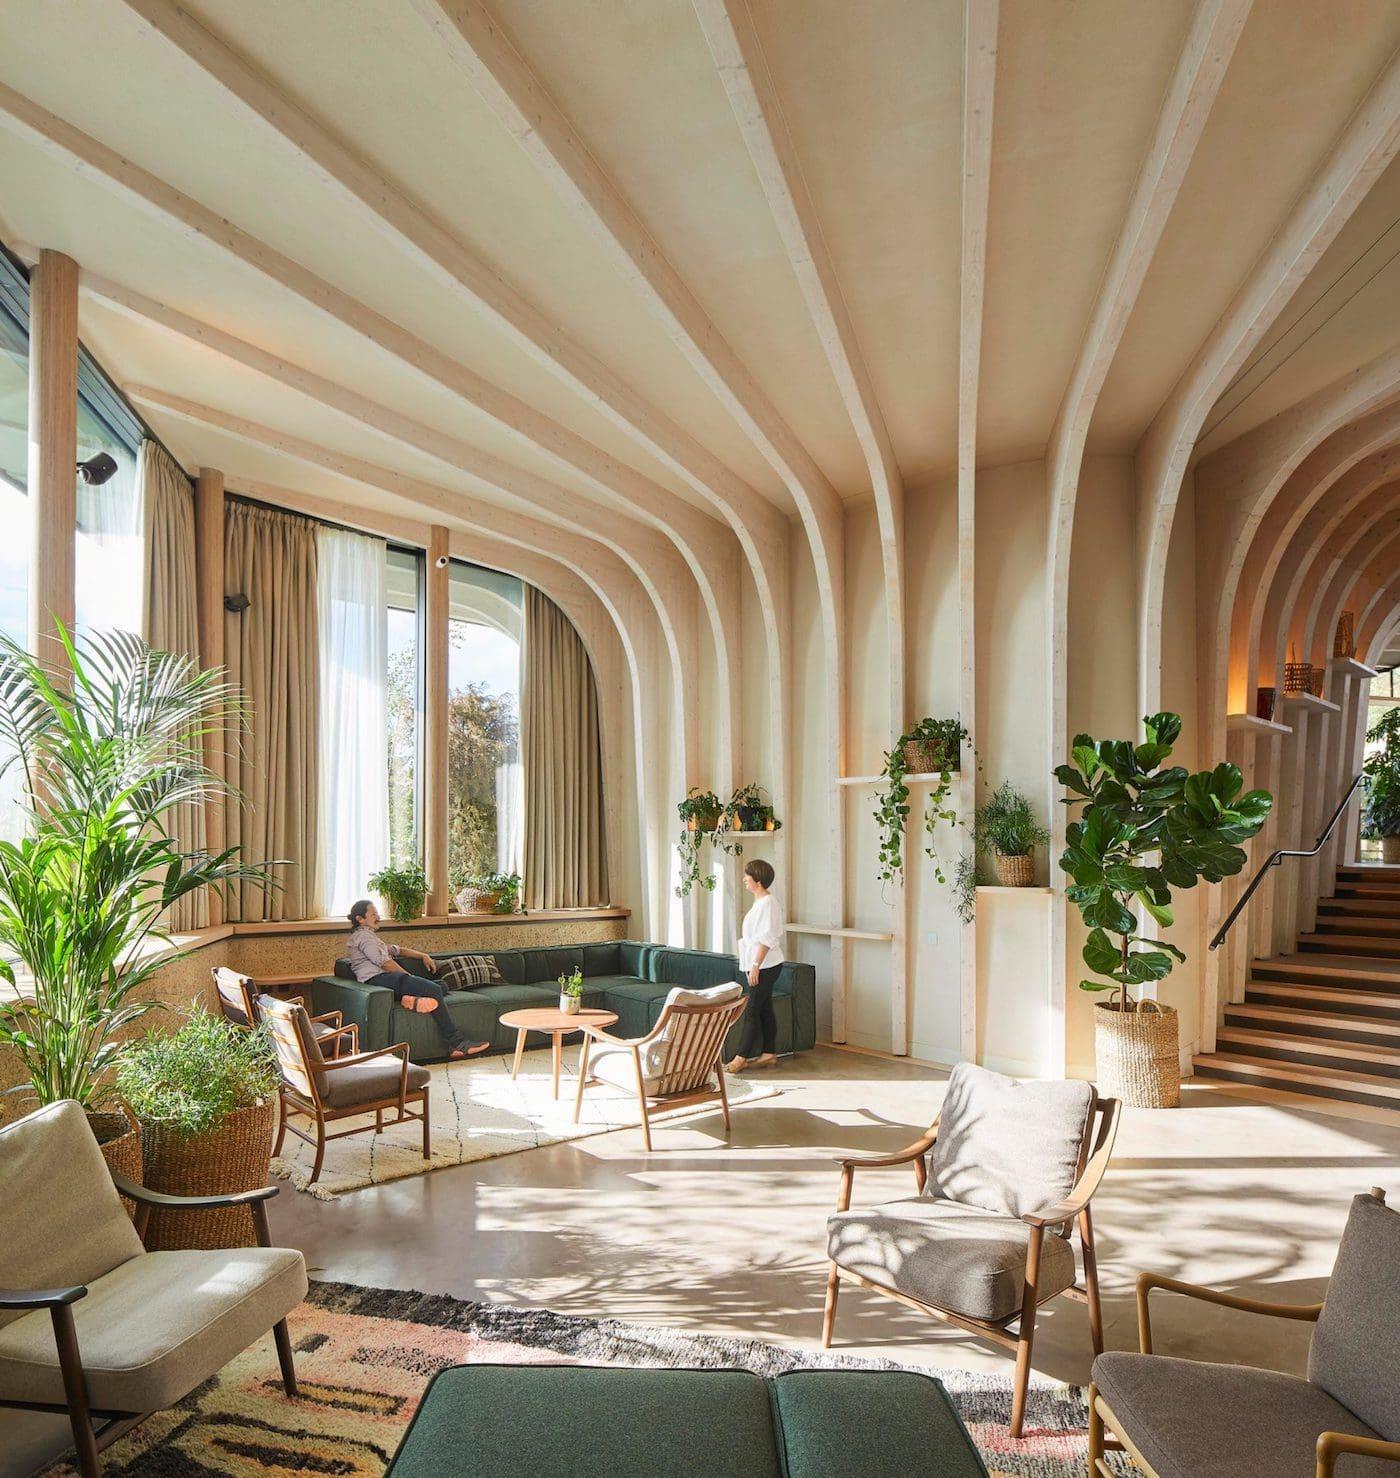 Eco Edition_Heatherwick Studio_Maggie's Leeds_Architecture interiors 17-min